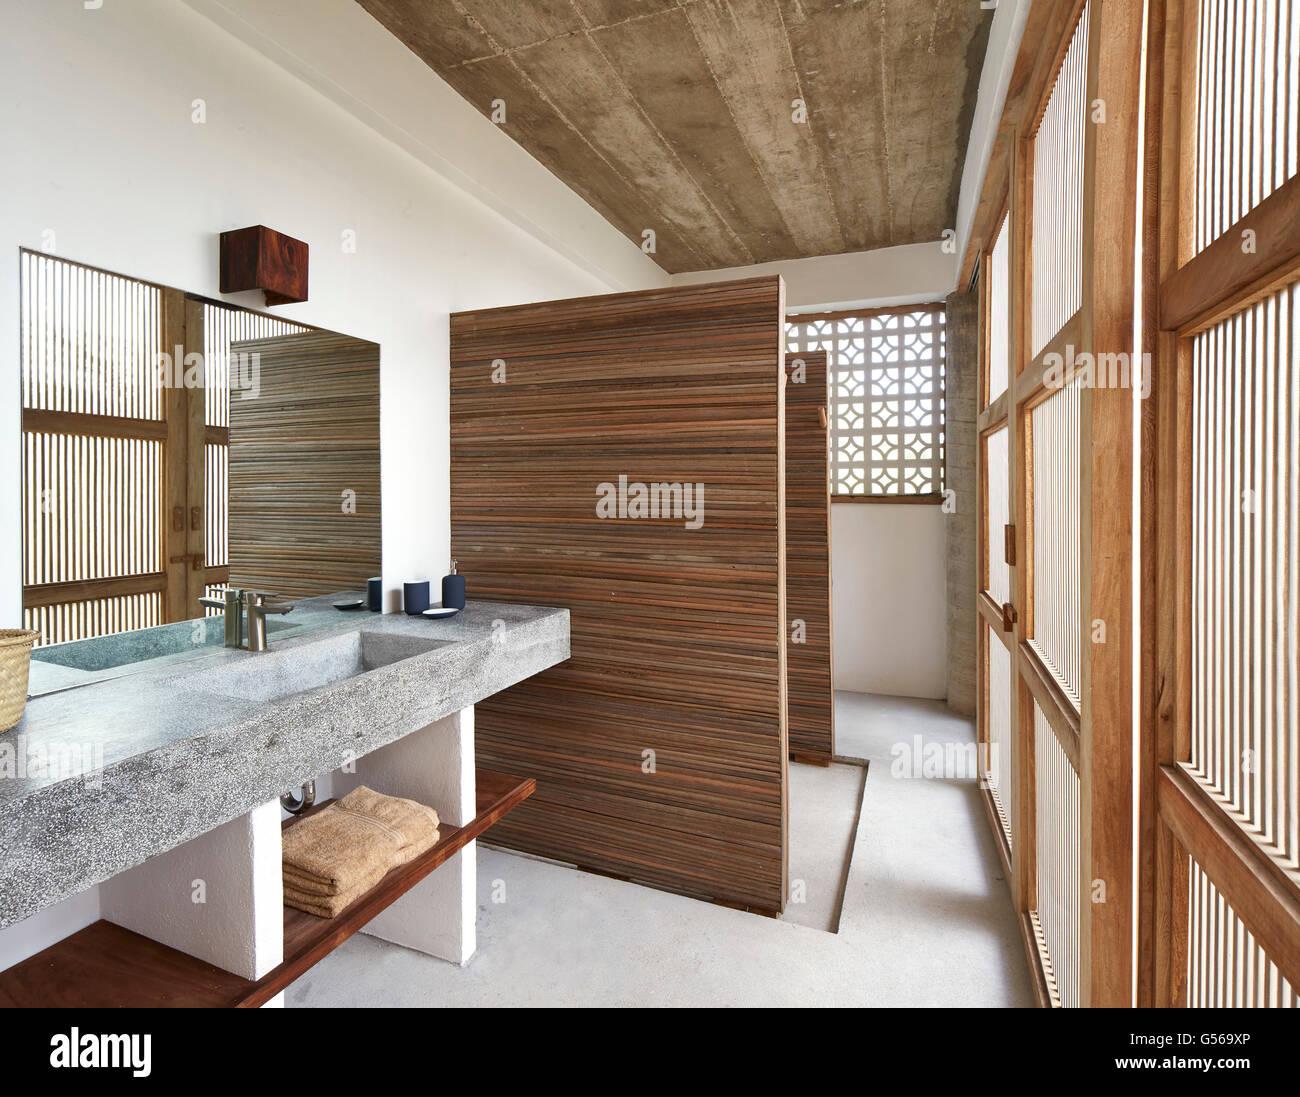 Bathroom. Casa Cal, Puerto Escondido, Mexico. Architect: BAAQ, 2015. Stock Photo